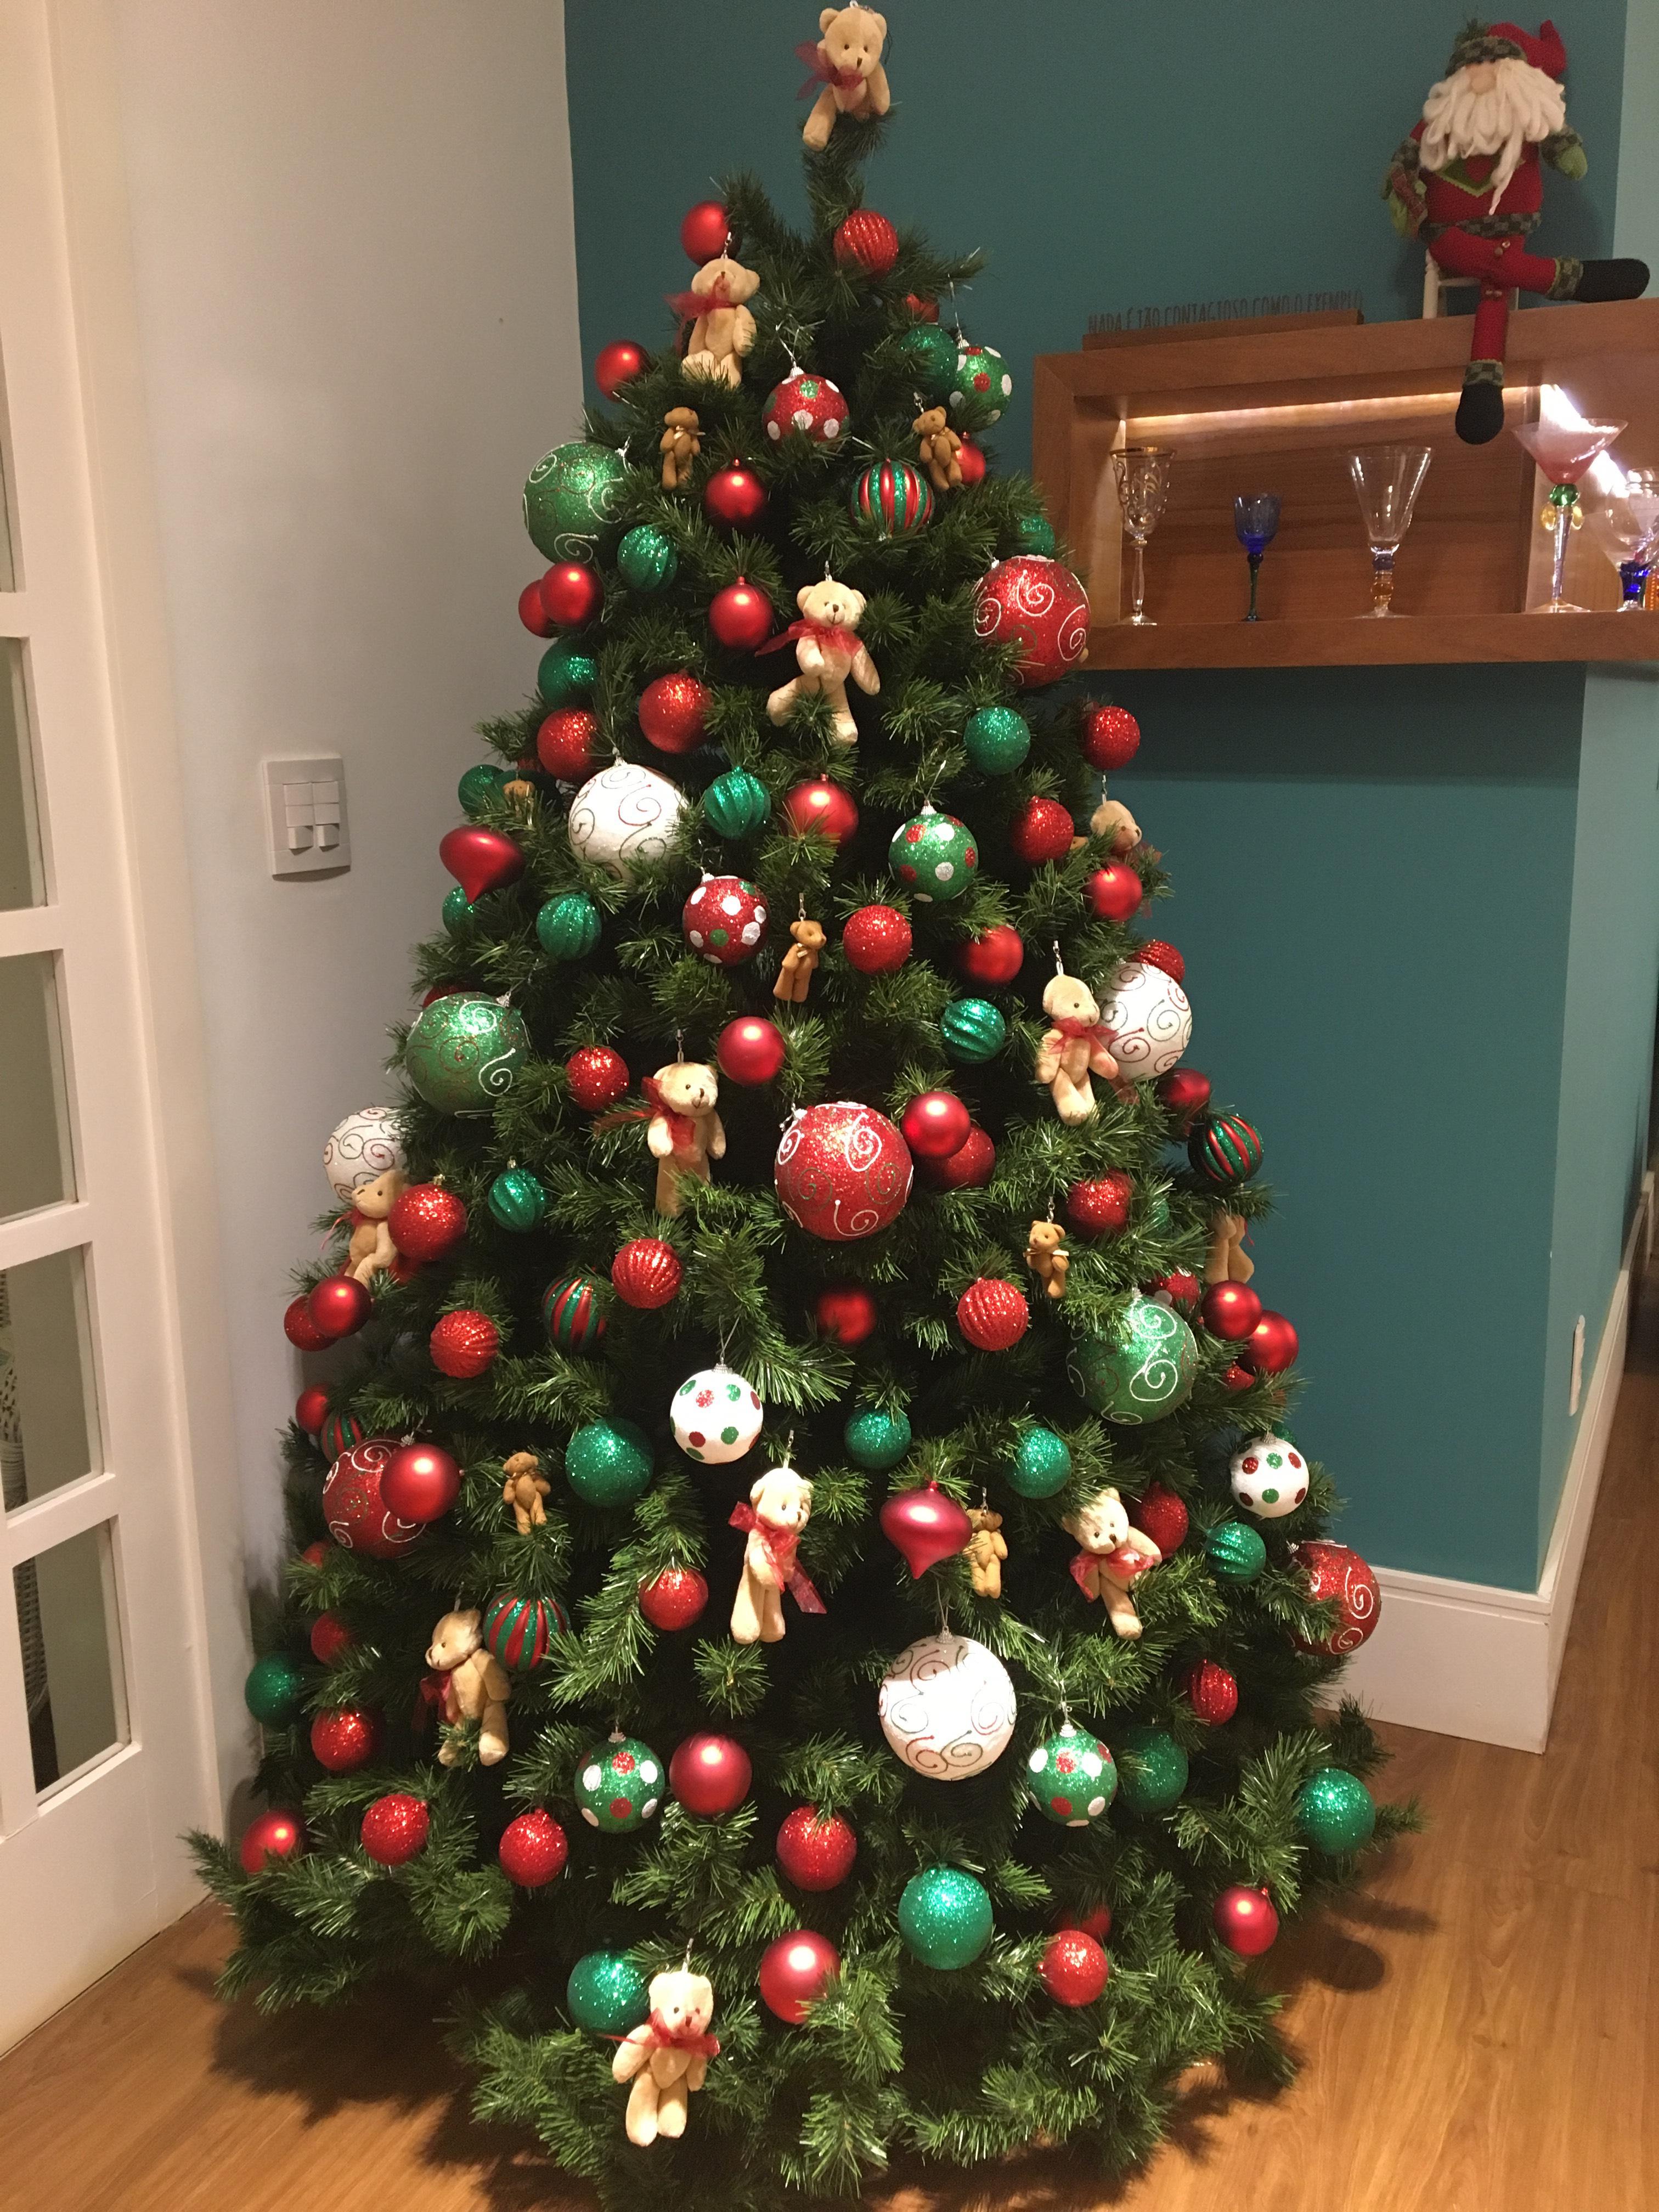 Então é natal: Vamos decorar a árvore?! - Diário do FB